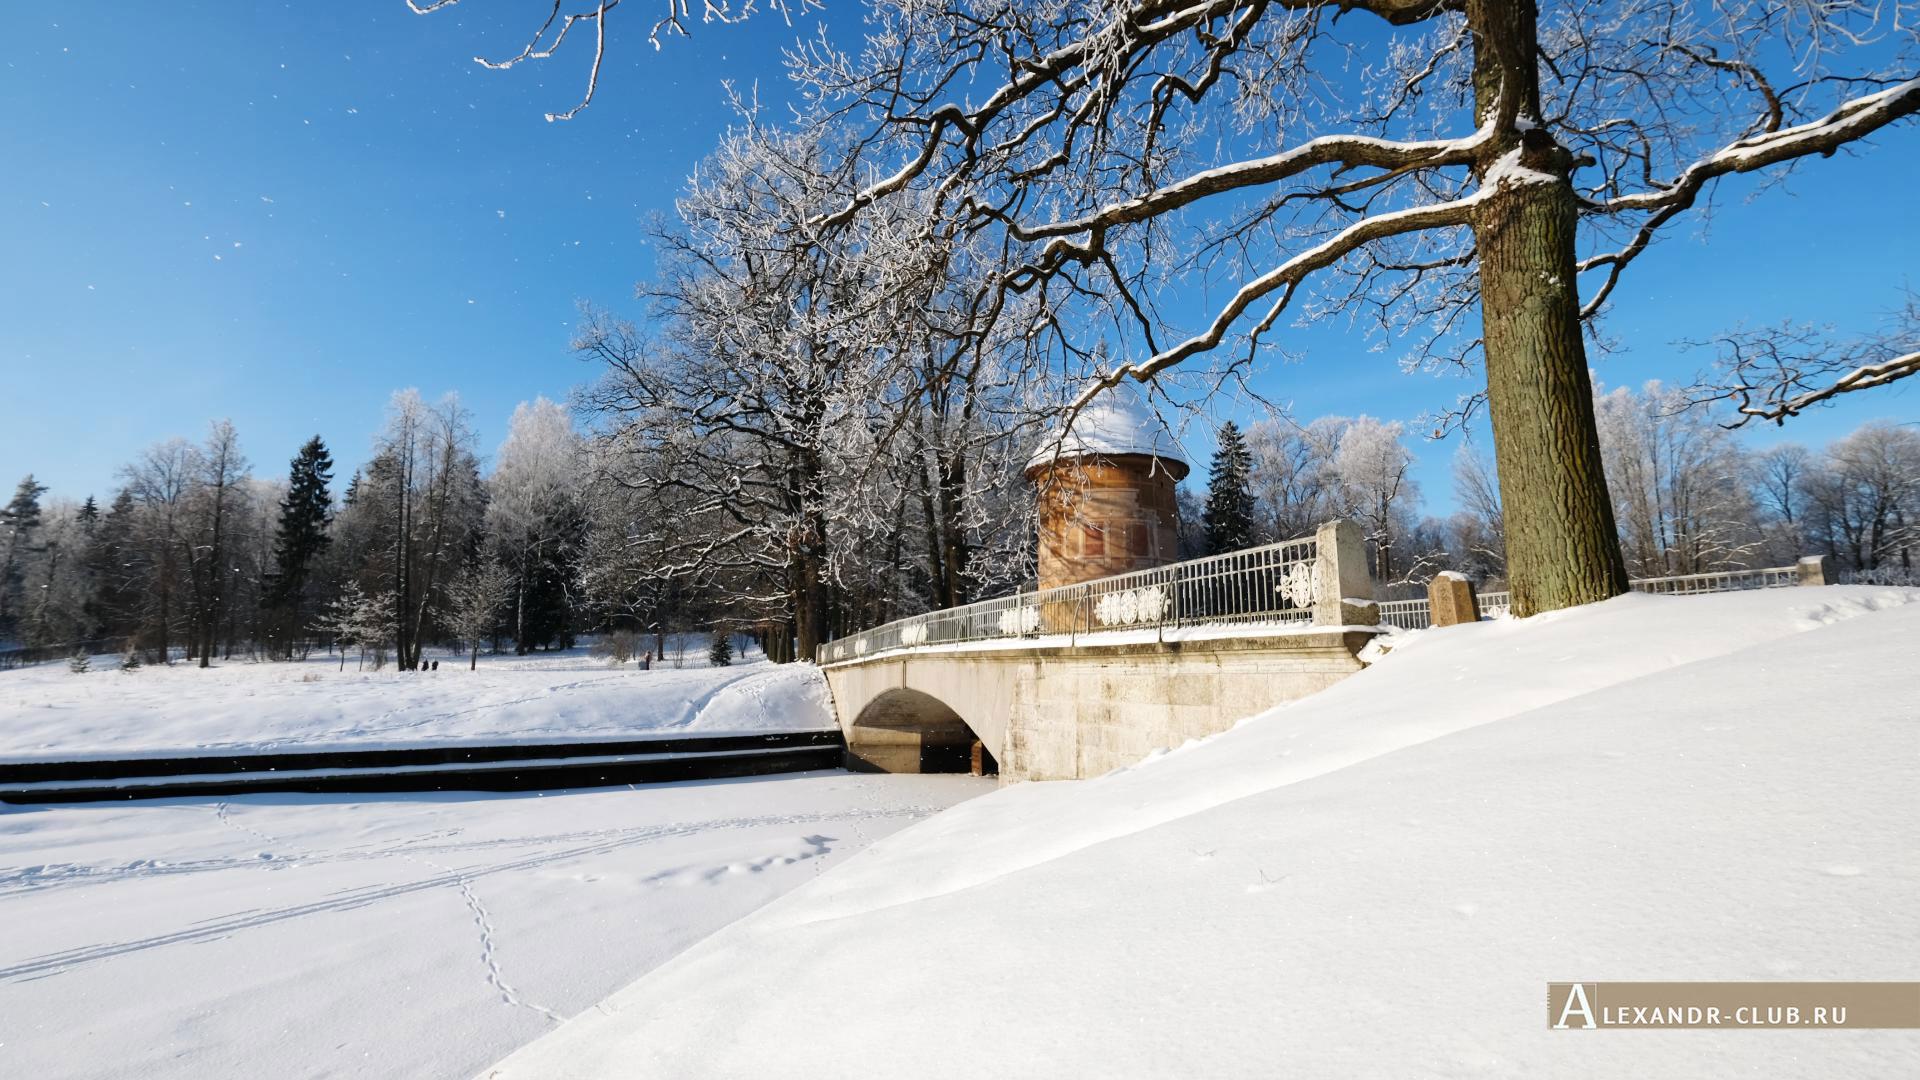 Павловск, зима, Павловский парк, Пиль-башня, Пильбашенный мост